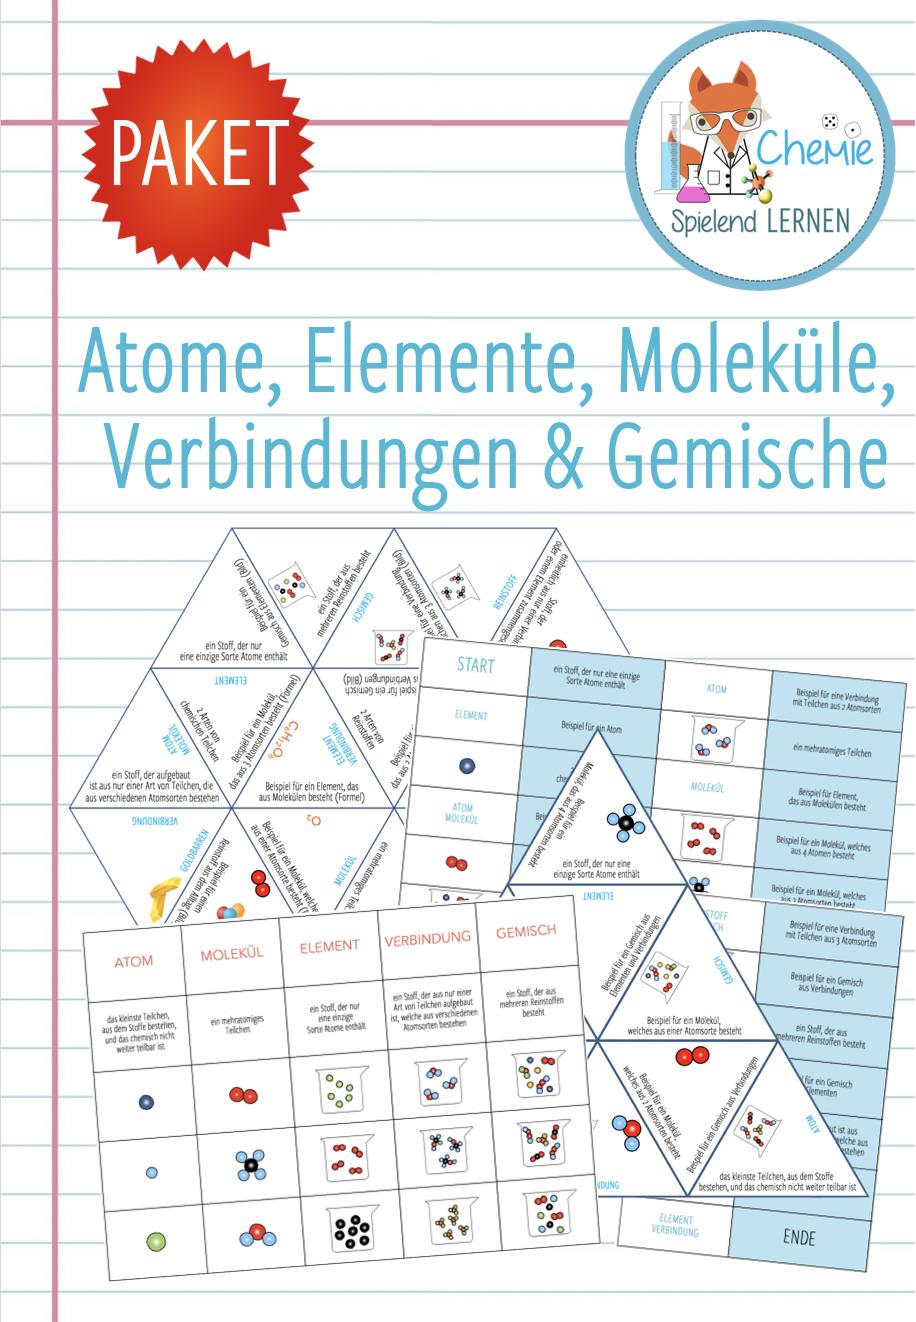 Atome Molekule Stoffe Elemente Verbindungen Gemische 5x Spiele Und Aktivitaten Unterrichtsmaterial In Den Fachern Chemie Fachubergreifendes Lernen Chemie Chemieunterricht